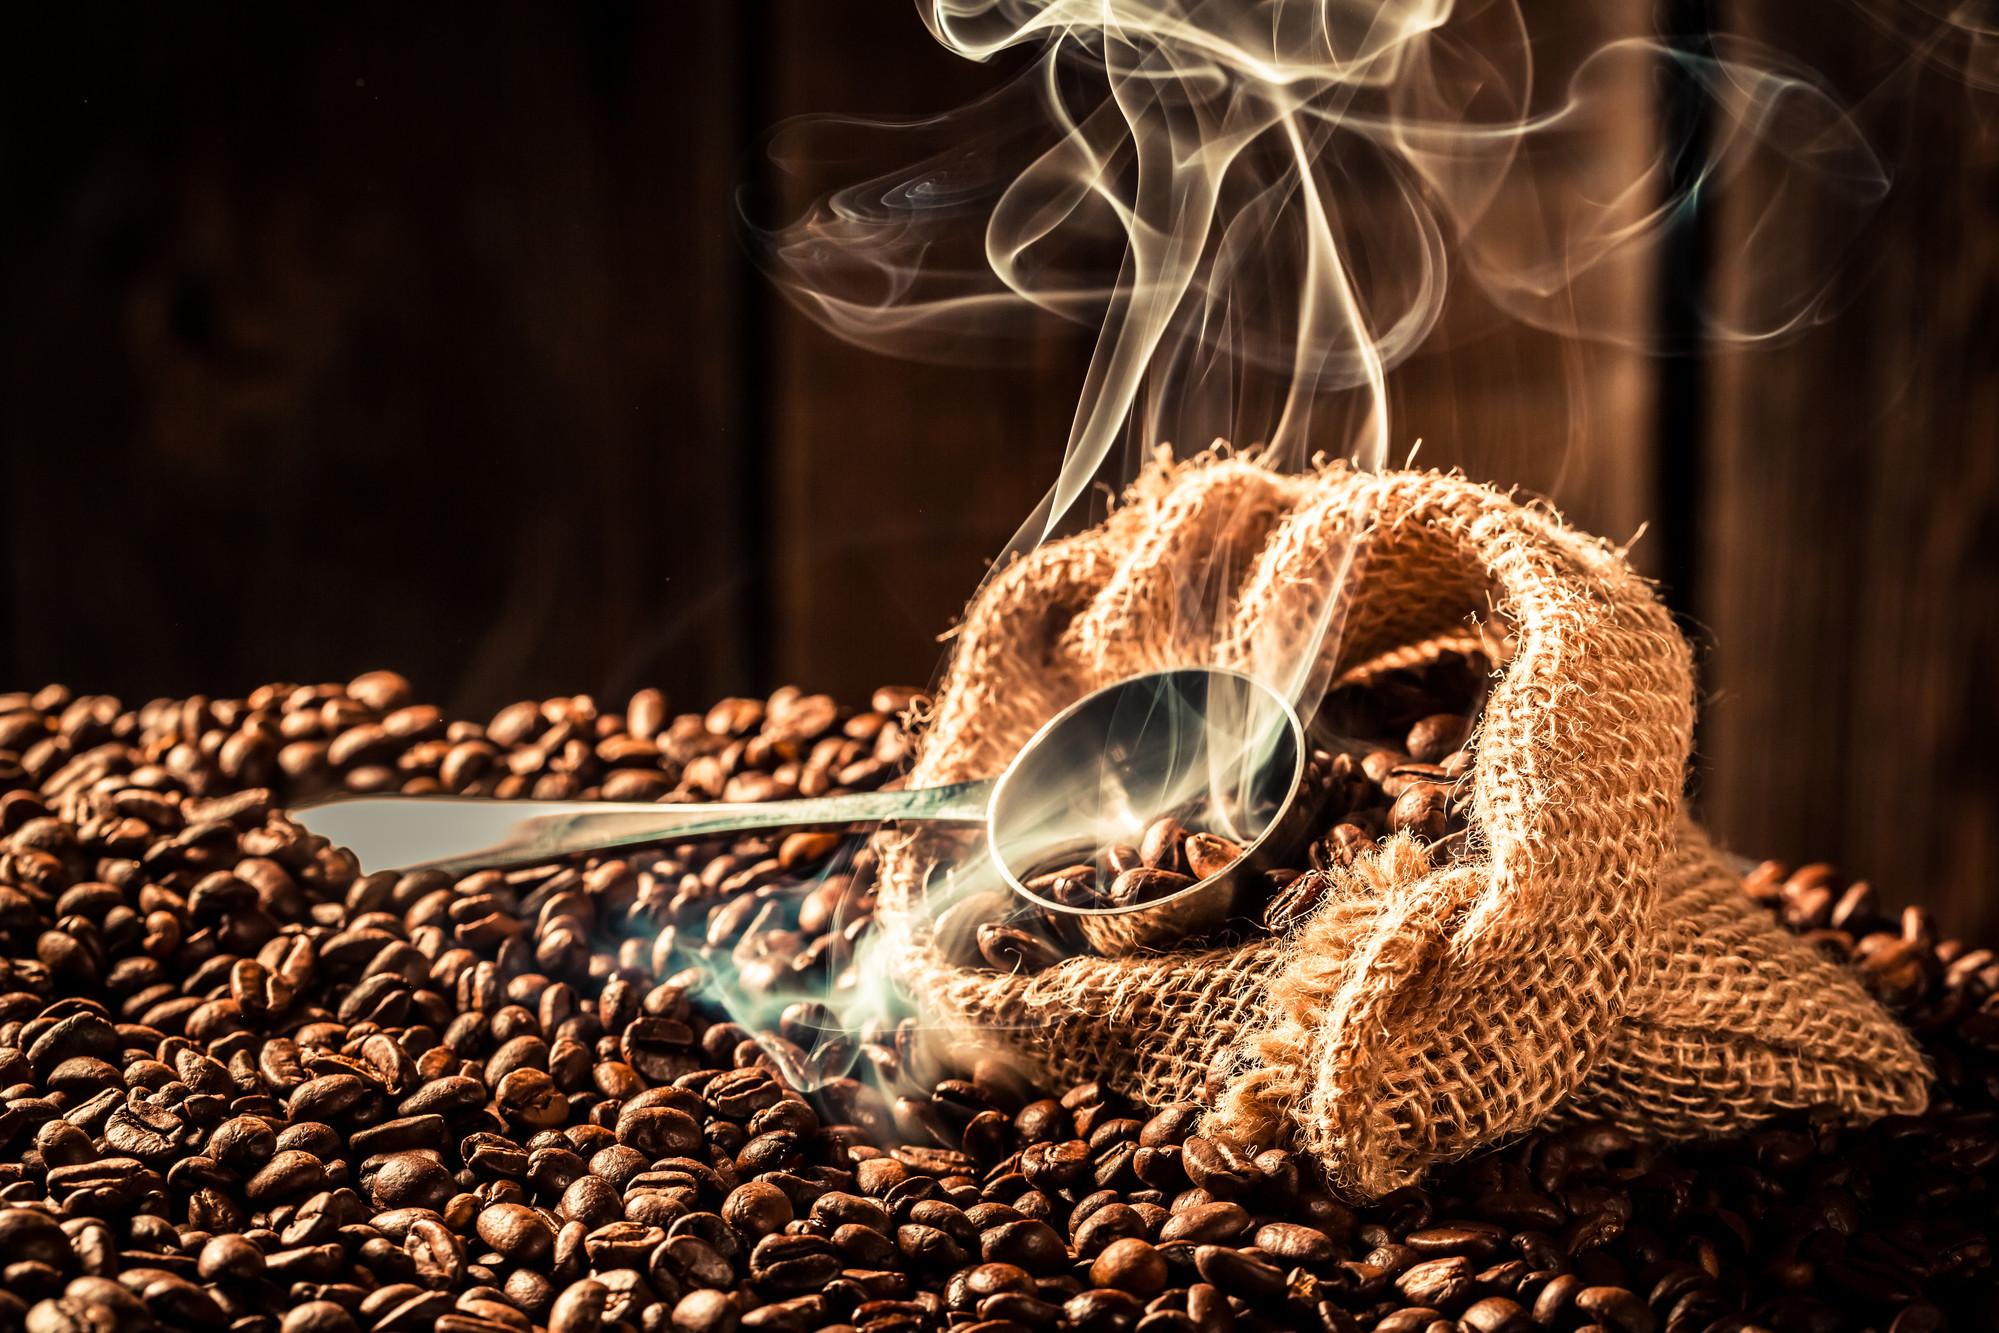 Без кофе и шоколада: какая еда может скоро исчезнуть с лица Земли